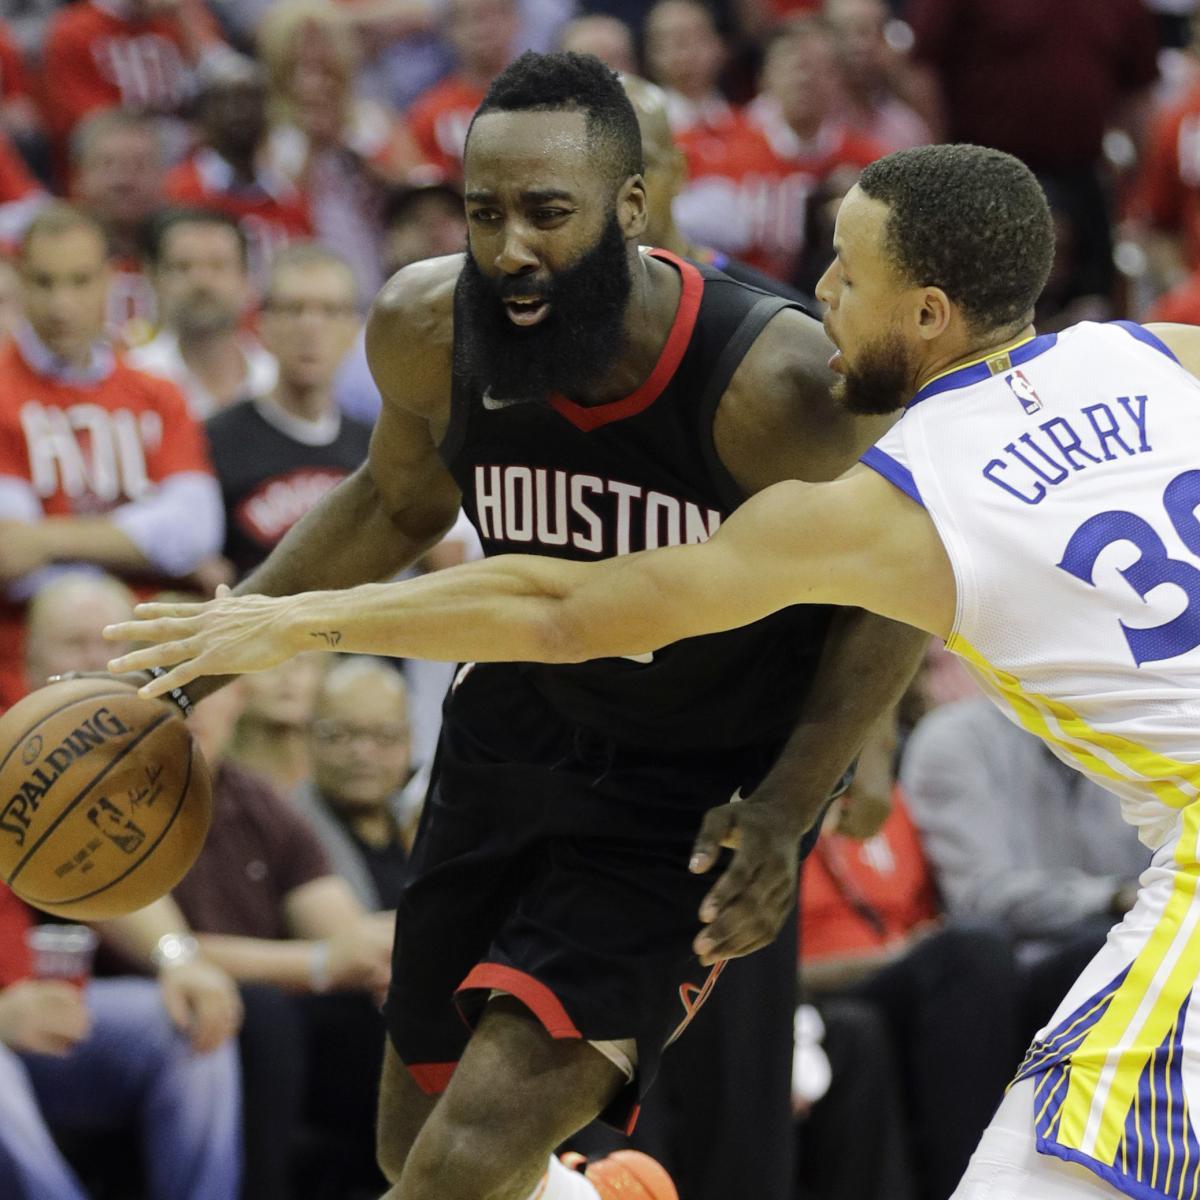 Warriors Vs. Rockets Game 1 Breaks TNT's Western